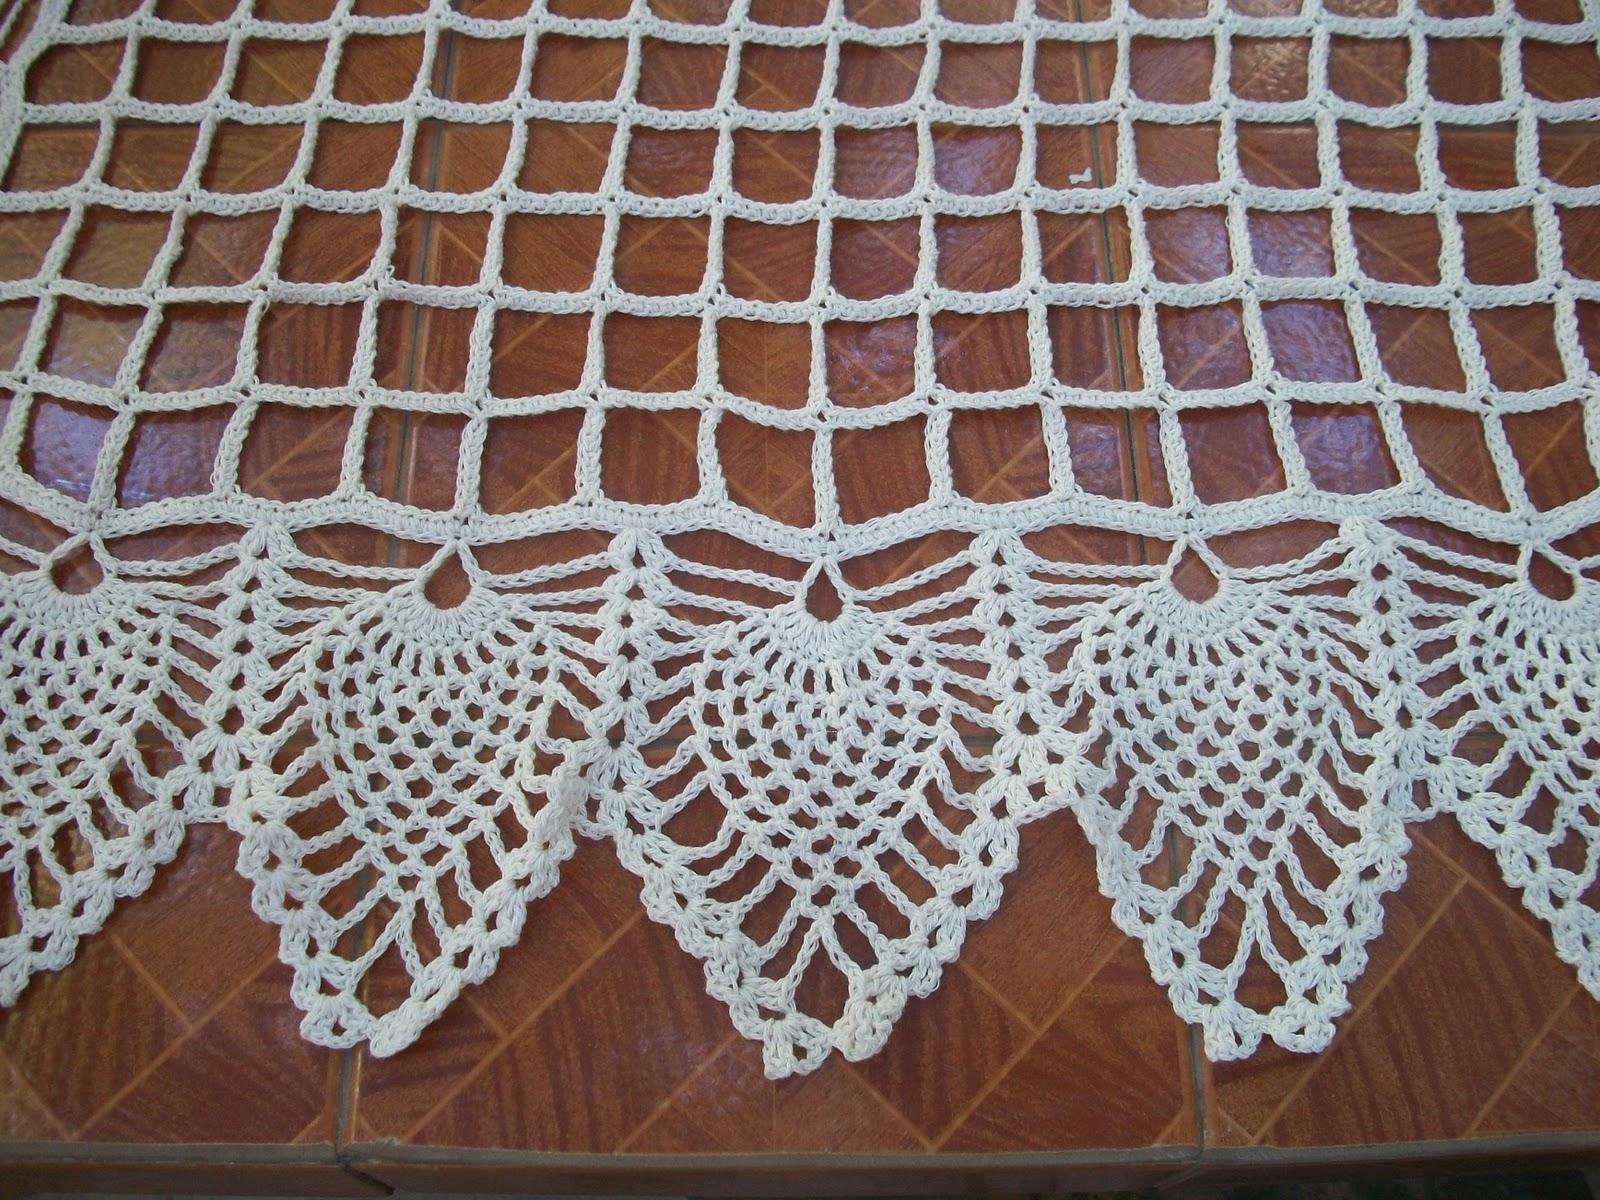 Mirtejidos artesanal cuadraditos y pi as - Cuadraditos de crochet ...